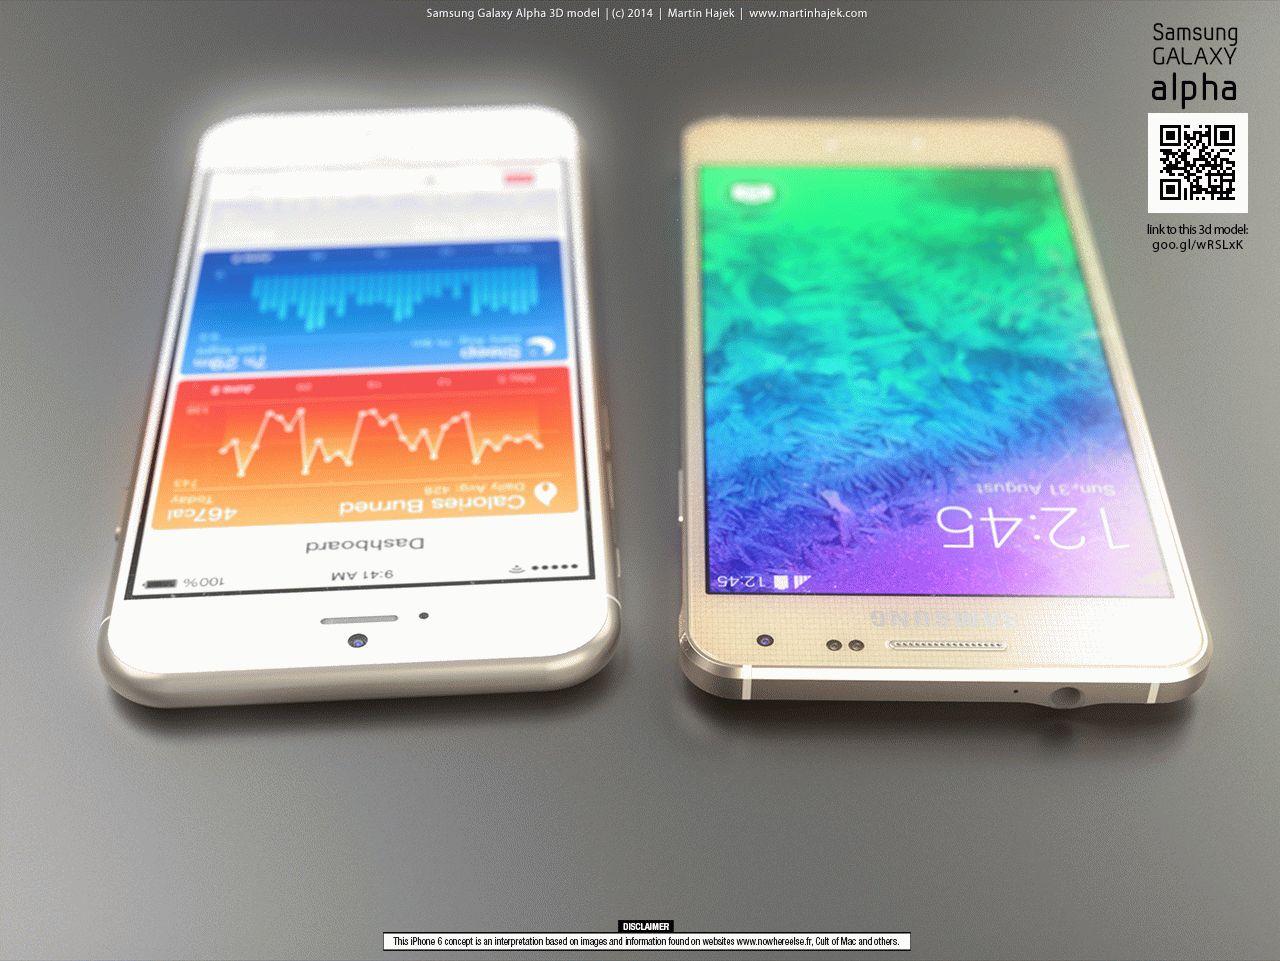 kak-daleko-samsung-zashla-v-kopirovanii-apple-galaxy-alpha-protiv-iphone-